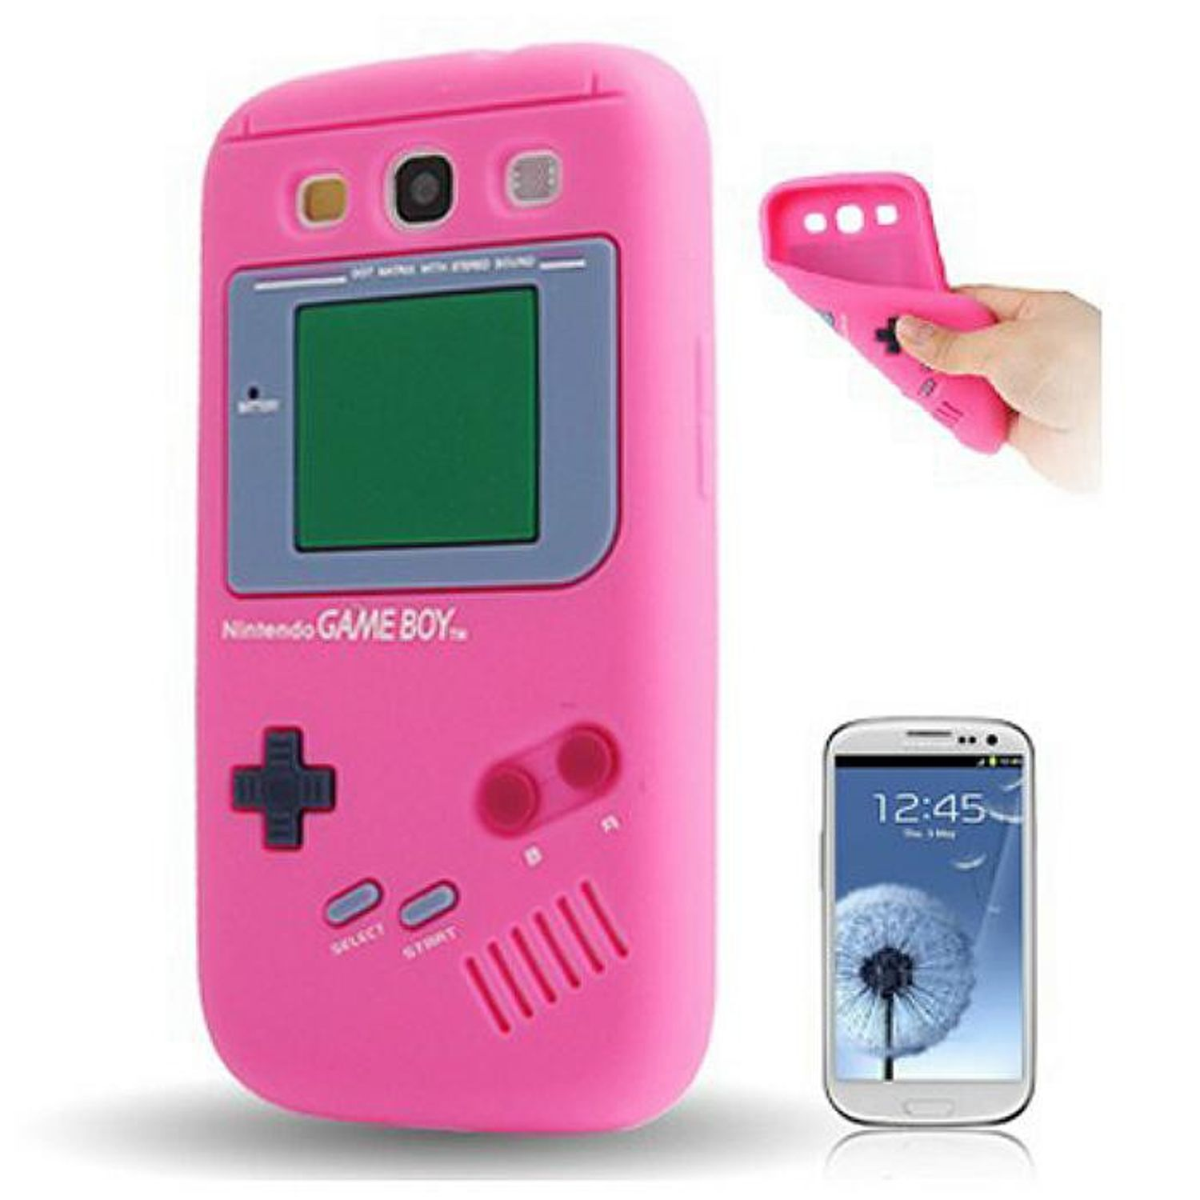 Silikon Hülle Gameboy für Handy Samsung I9300 Galaxy S3 Pink